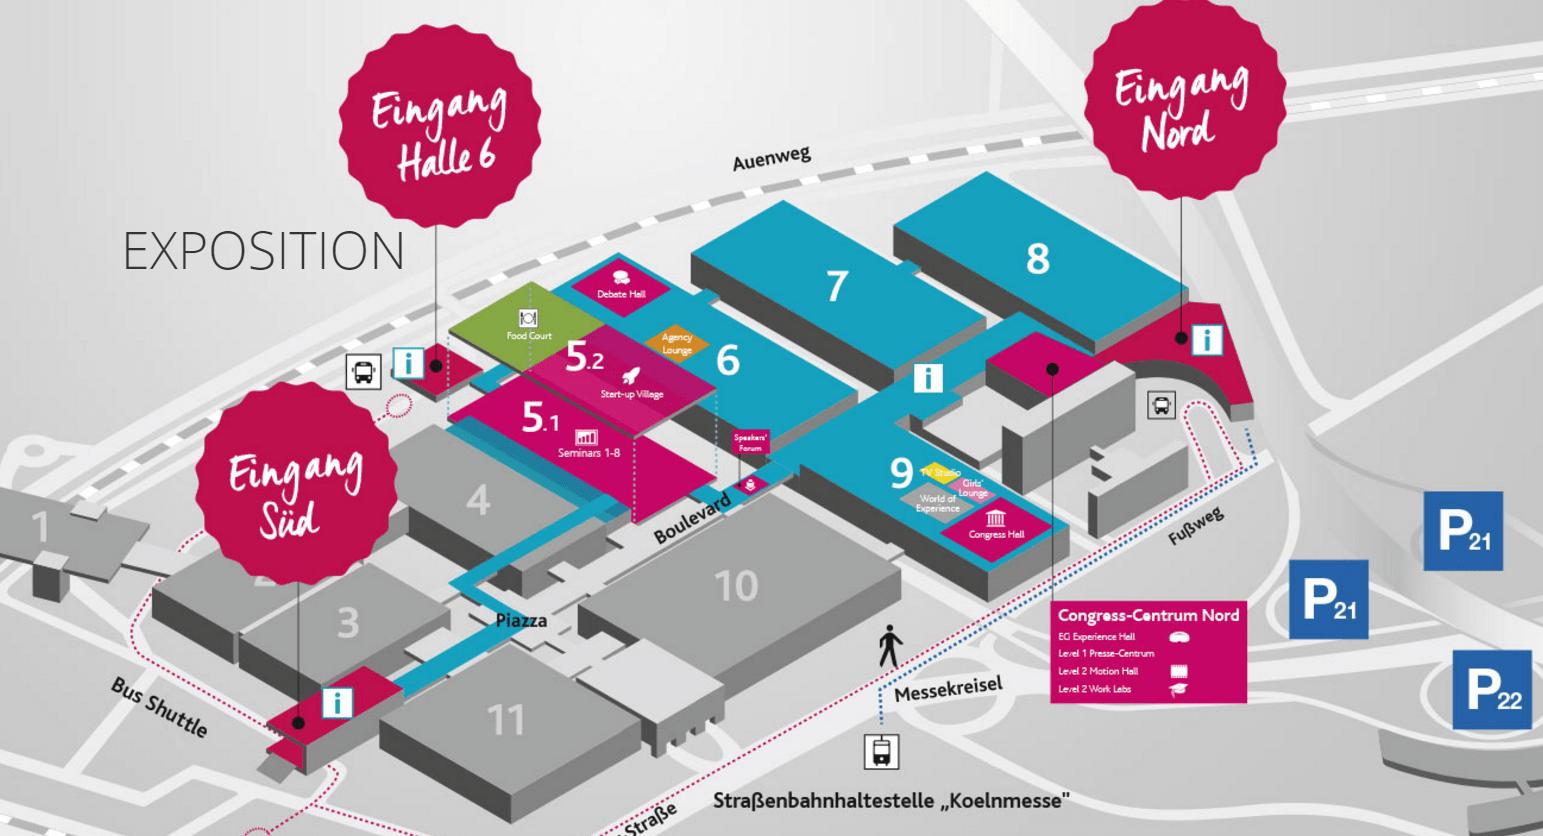 DMEXCO Hallenplan 2017